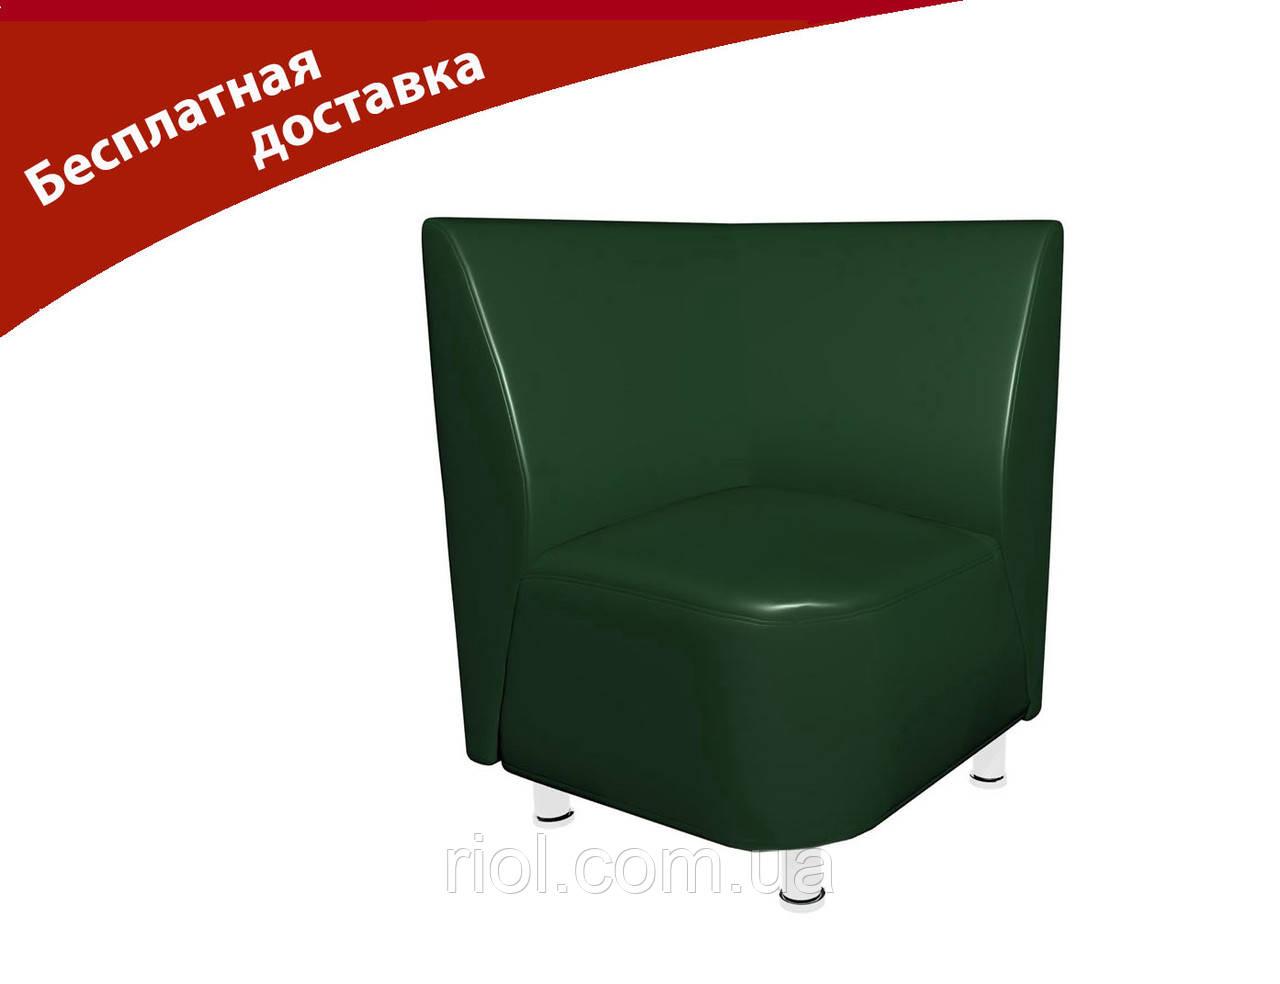 Кресло-угол зеленый